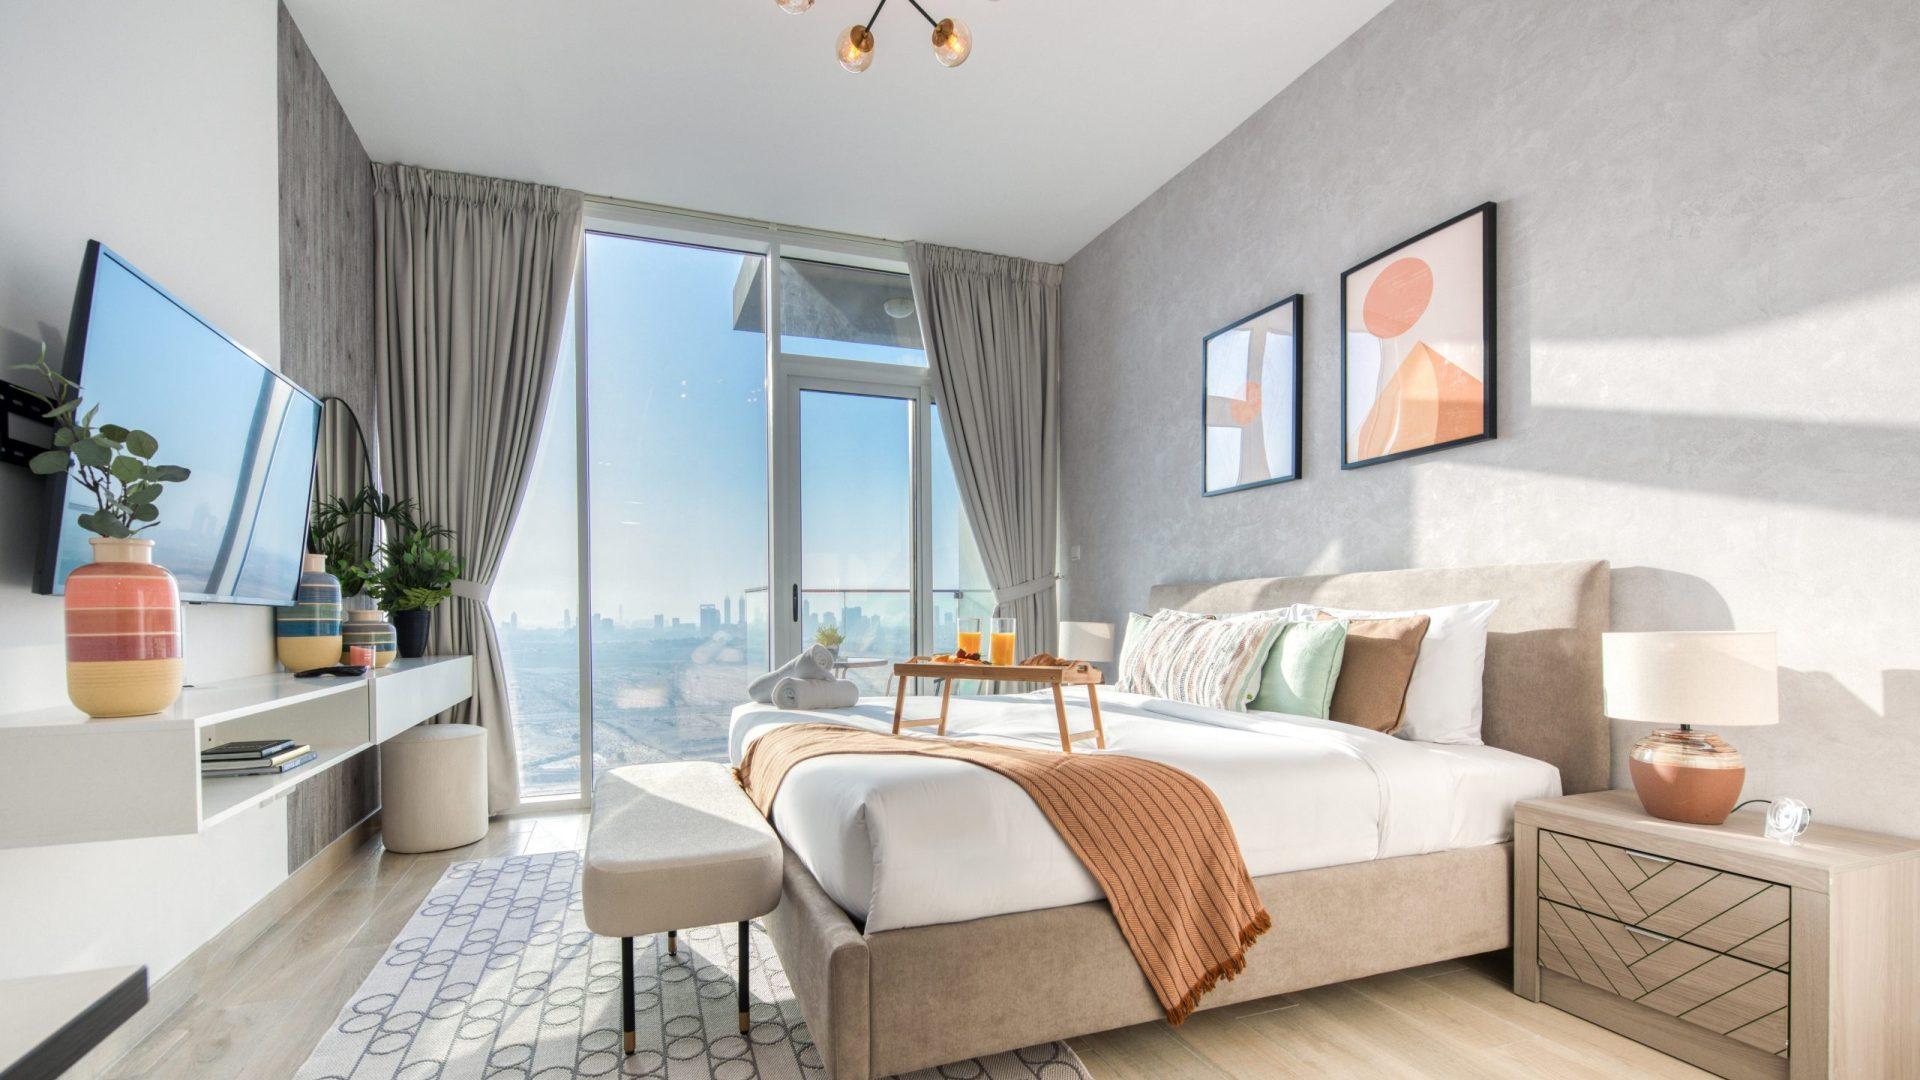 Apartment for sale in Dubai, UAE, 2 bedrooms, 111 m2, No. 24273 – photo 1